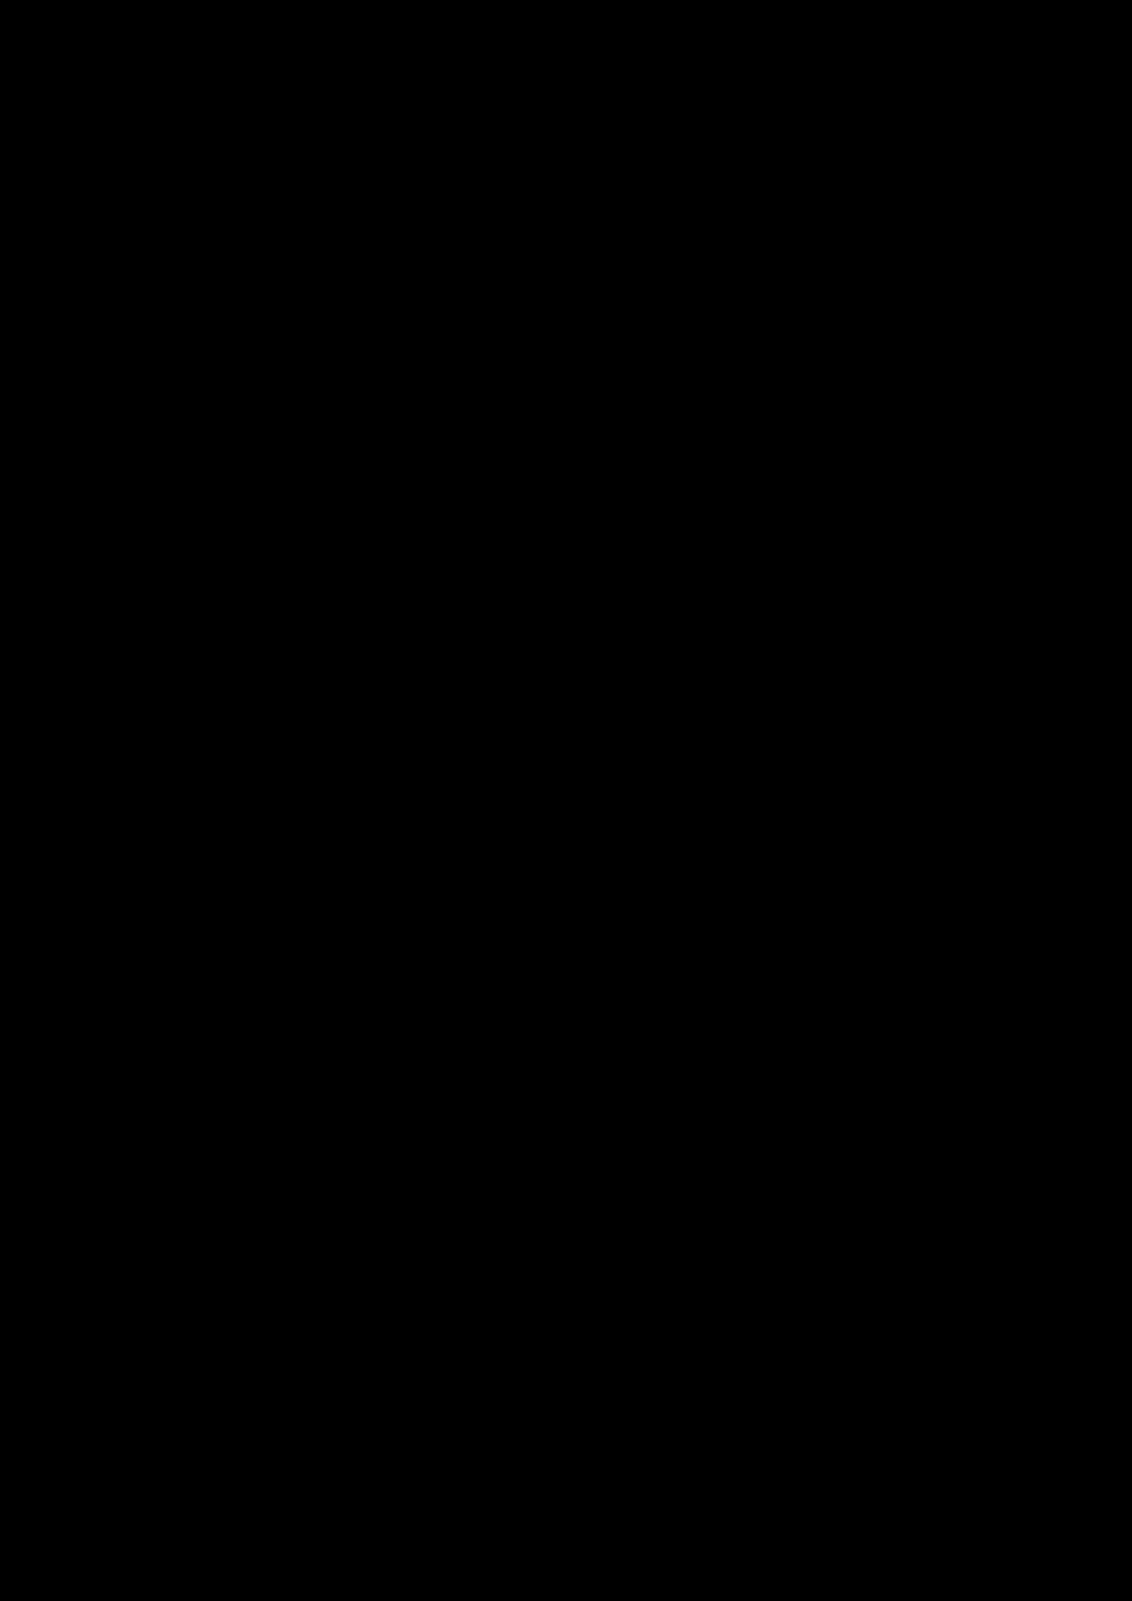 Zagadka volshebnoy stranyi slide, Image 147